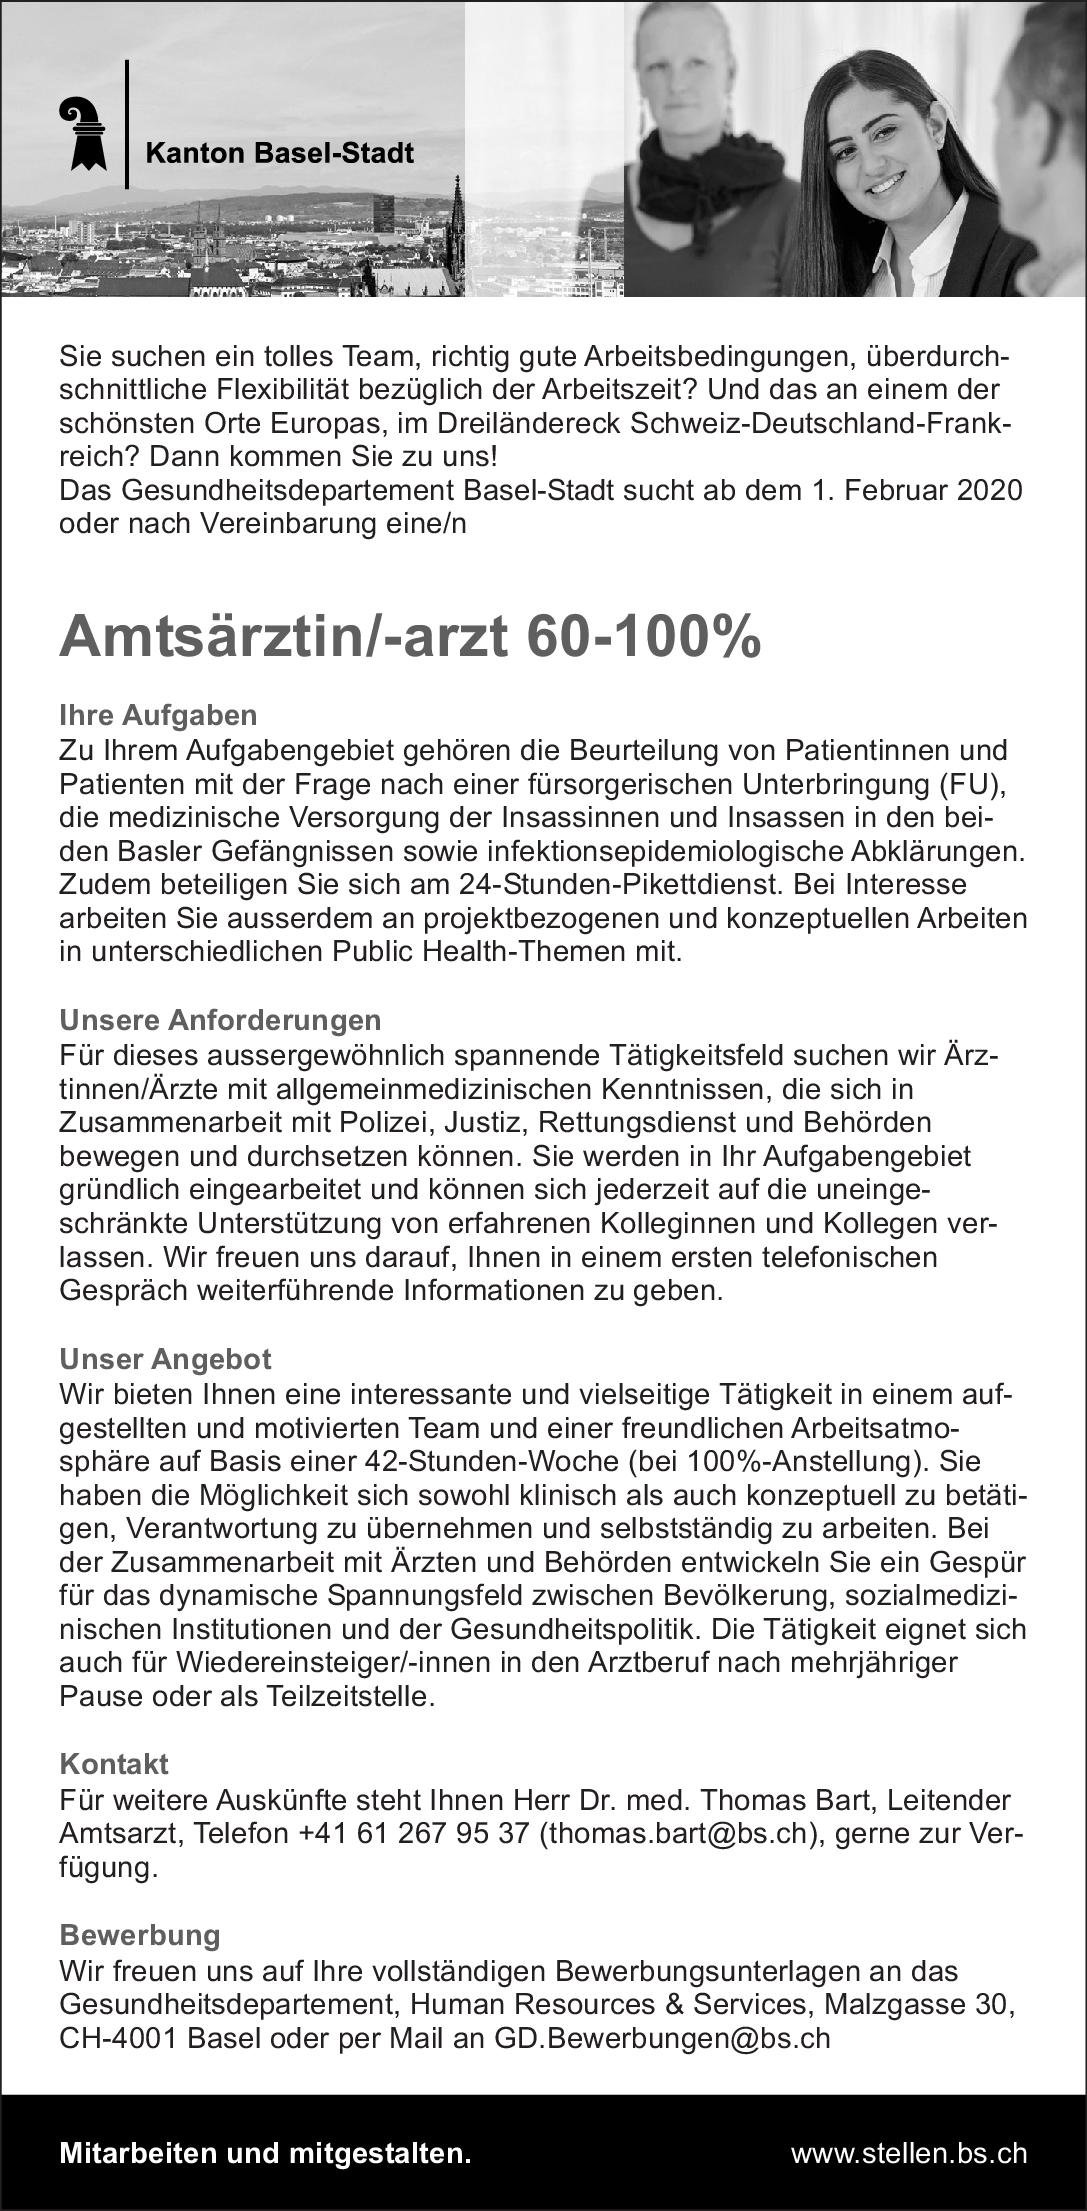 Kanton Basel-Stadt Amtsärztin/-arzt 60-100% Allgemeinmedizin Arzt / Facharzt